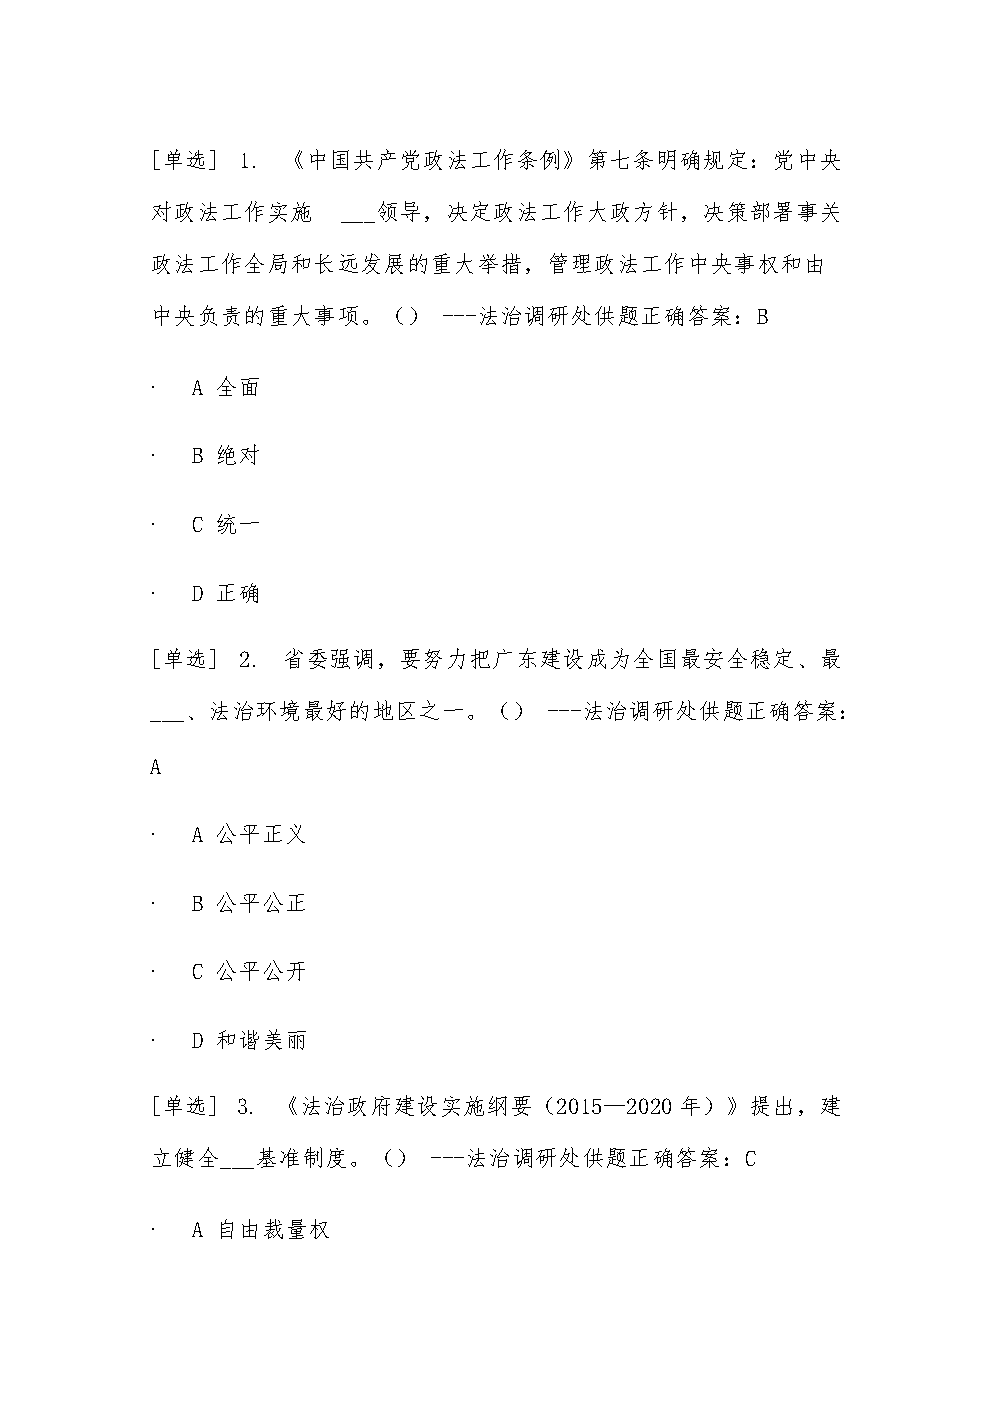 2019廣東省國家工作人員學法考試系統答案-專題測試2.docx